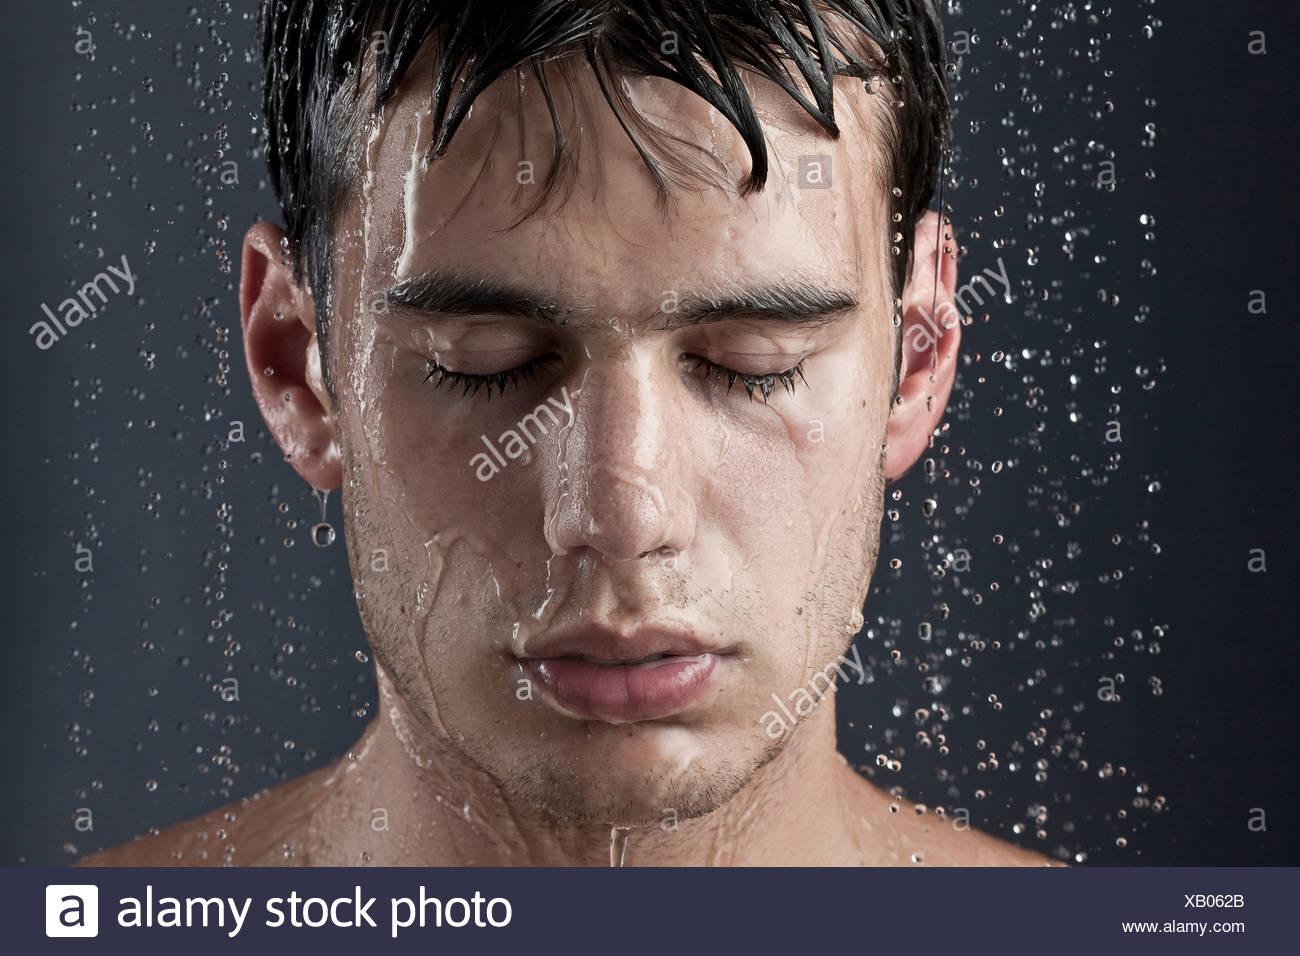 Jeune homme couvert de gouttelettes d'eau Photo Stock